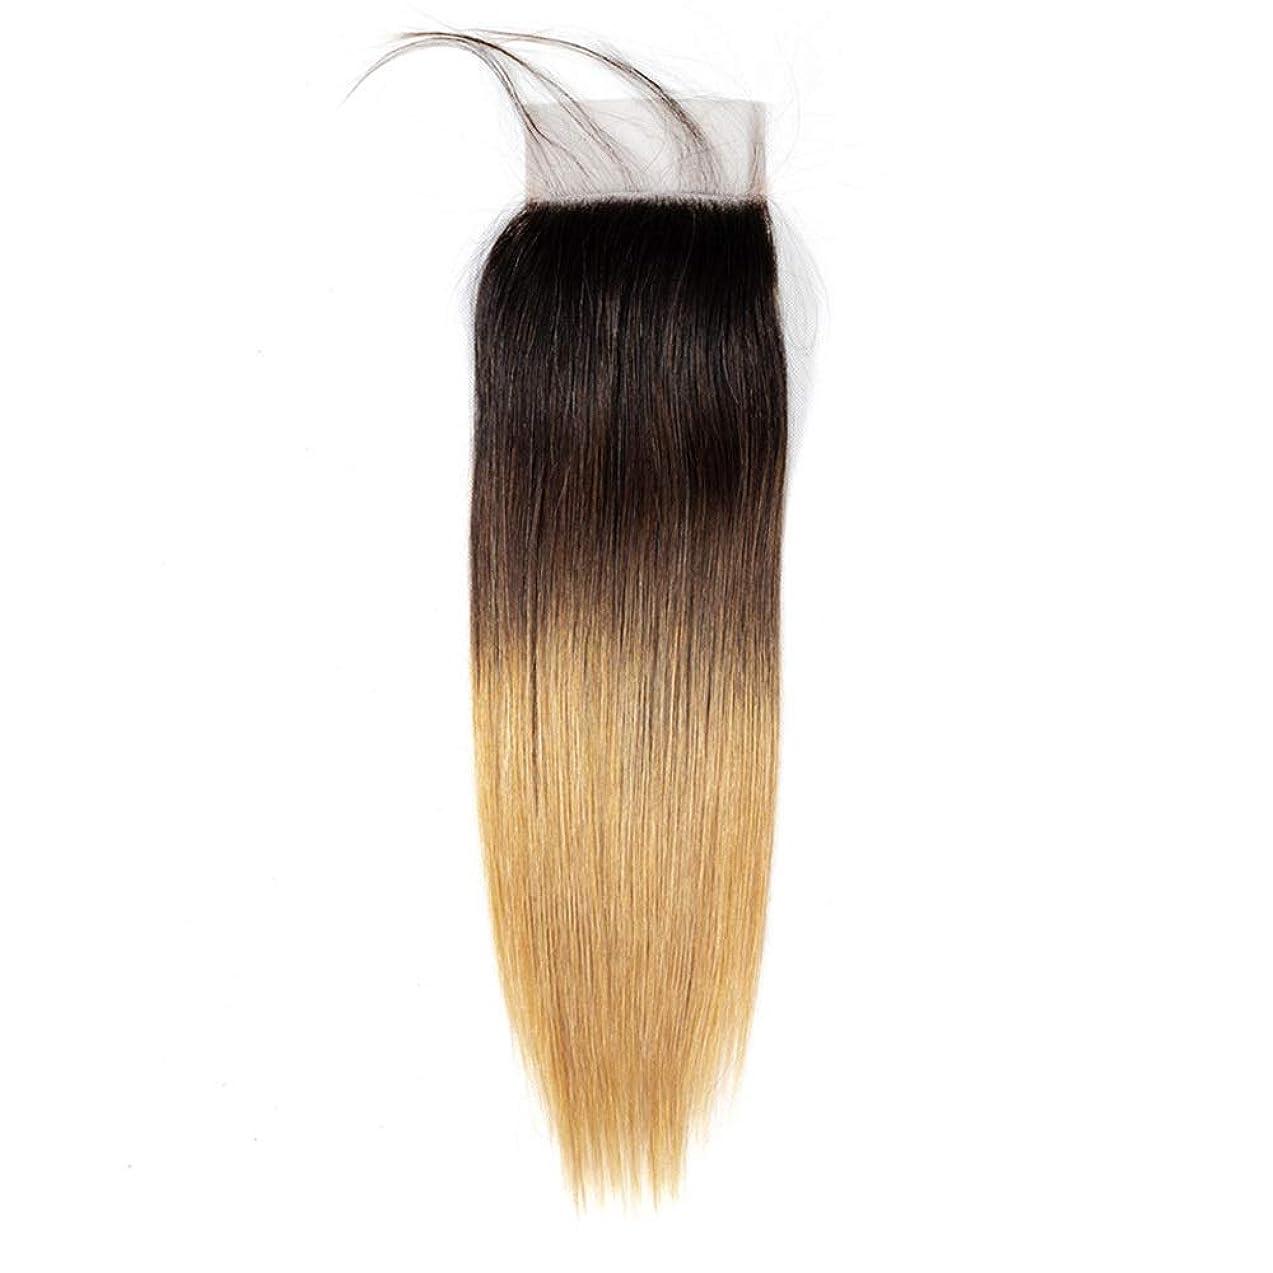 泥評価する誓うHOHYLLYA オンブル人間の髪の毛のない部分4 x 4耳と耳のレース前頭閉鎖1B / 4/27 3トーンカラーブラウンウィッグウィッグ (色 : ブラウン, サイズ : 12 inch)